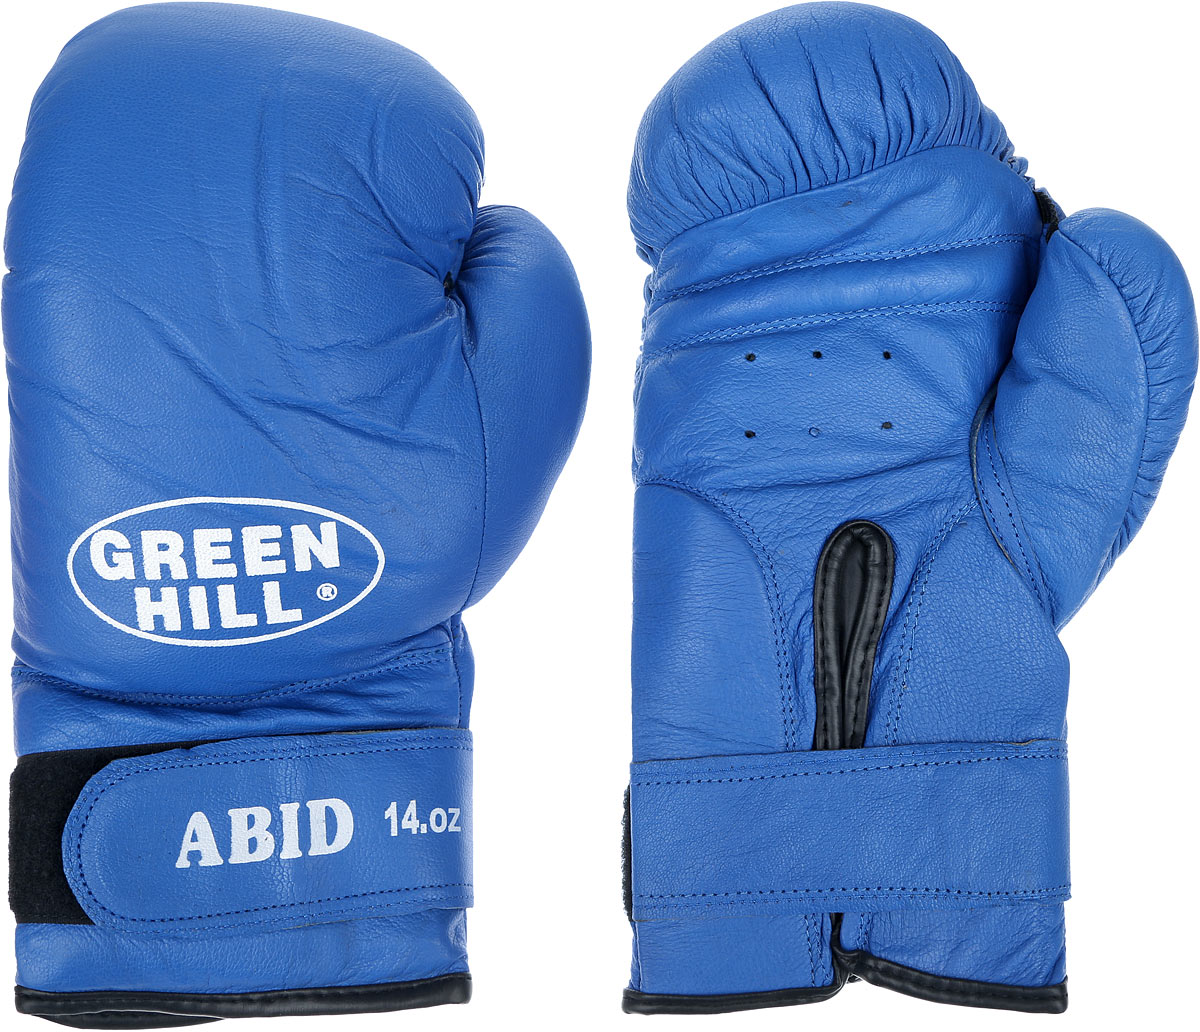 Перчатки боксерские Green Hill Abid, цвет: синий, белый. Вес 14 унцийSCG-2048cБоксерские тренировочные перчатки Green Hill Abid выполнены из натуральной кожи. Они отлично подойдут для начинающих спортсменов. Мягкий наполнитель из очеса предотвращает любые травмы. Отверстия в районе ладони обеспечивают вентиляцию. Широкий ремень, охватывая запястье, полностью оборачивается вокруг манжеты, благодаря чему создается дополнительная защита лучезапястного сустава от травмирования. Застежка на липучке способствует быстрому и удобному надеванию перчаток, плотно фиксирует перчатки на руке.